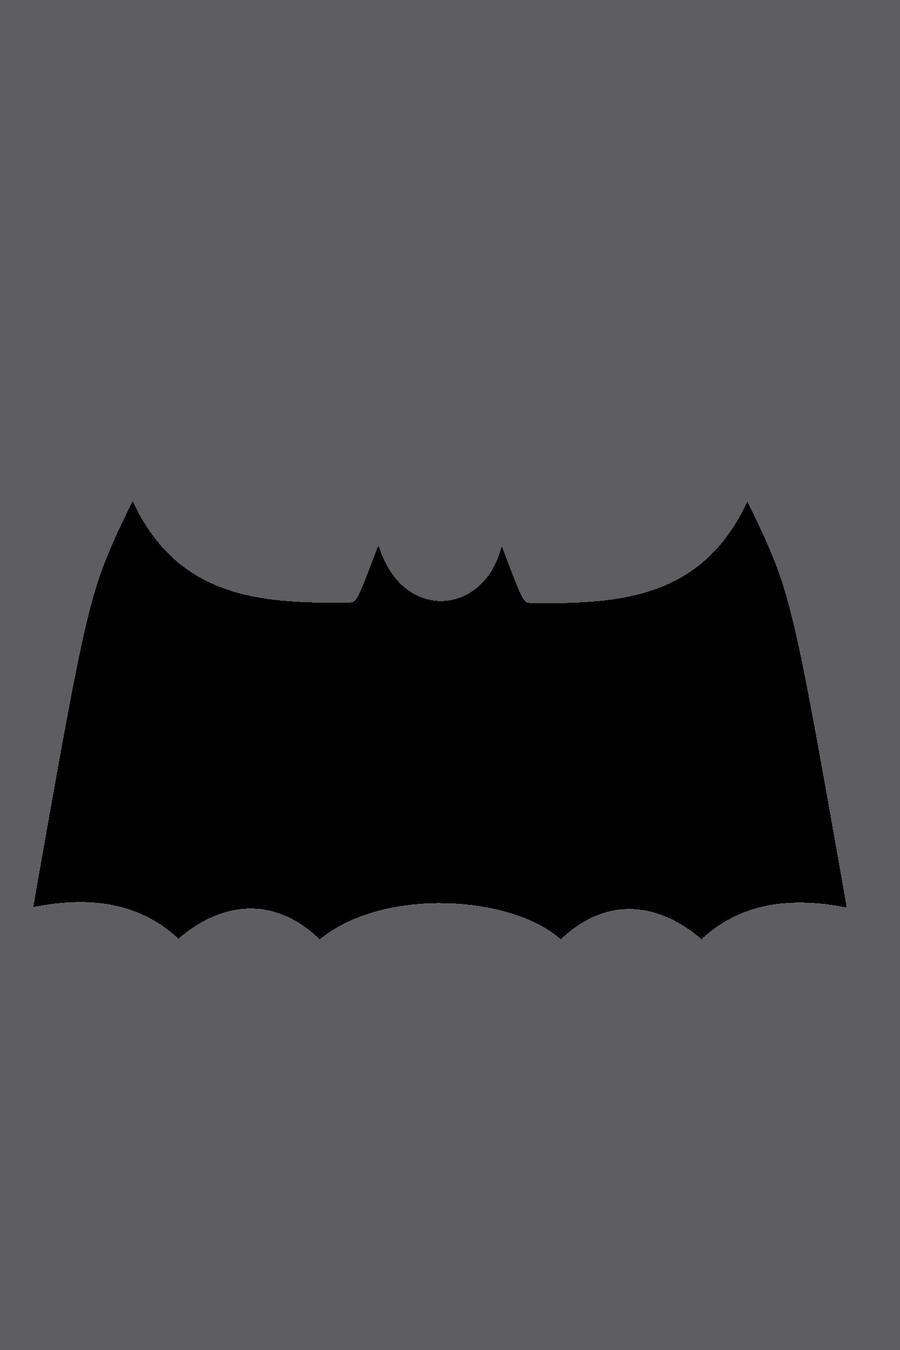 Batman vs superman lambang batman the dark knight images lambang batman the dark knight buycottarizona